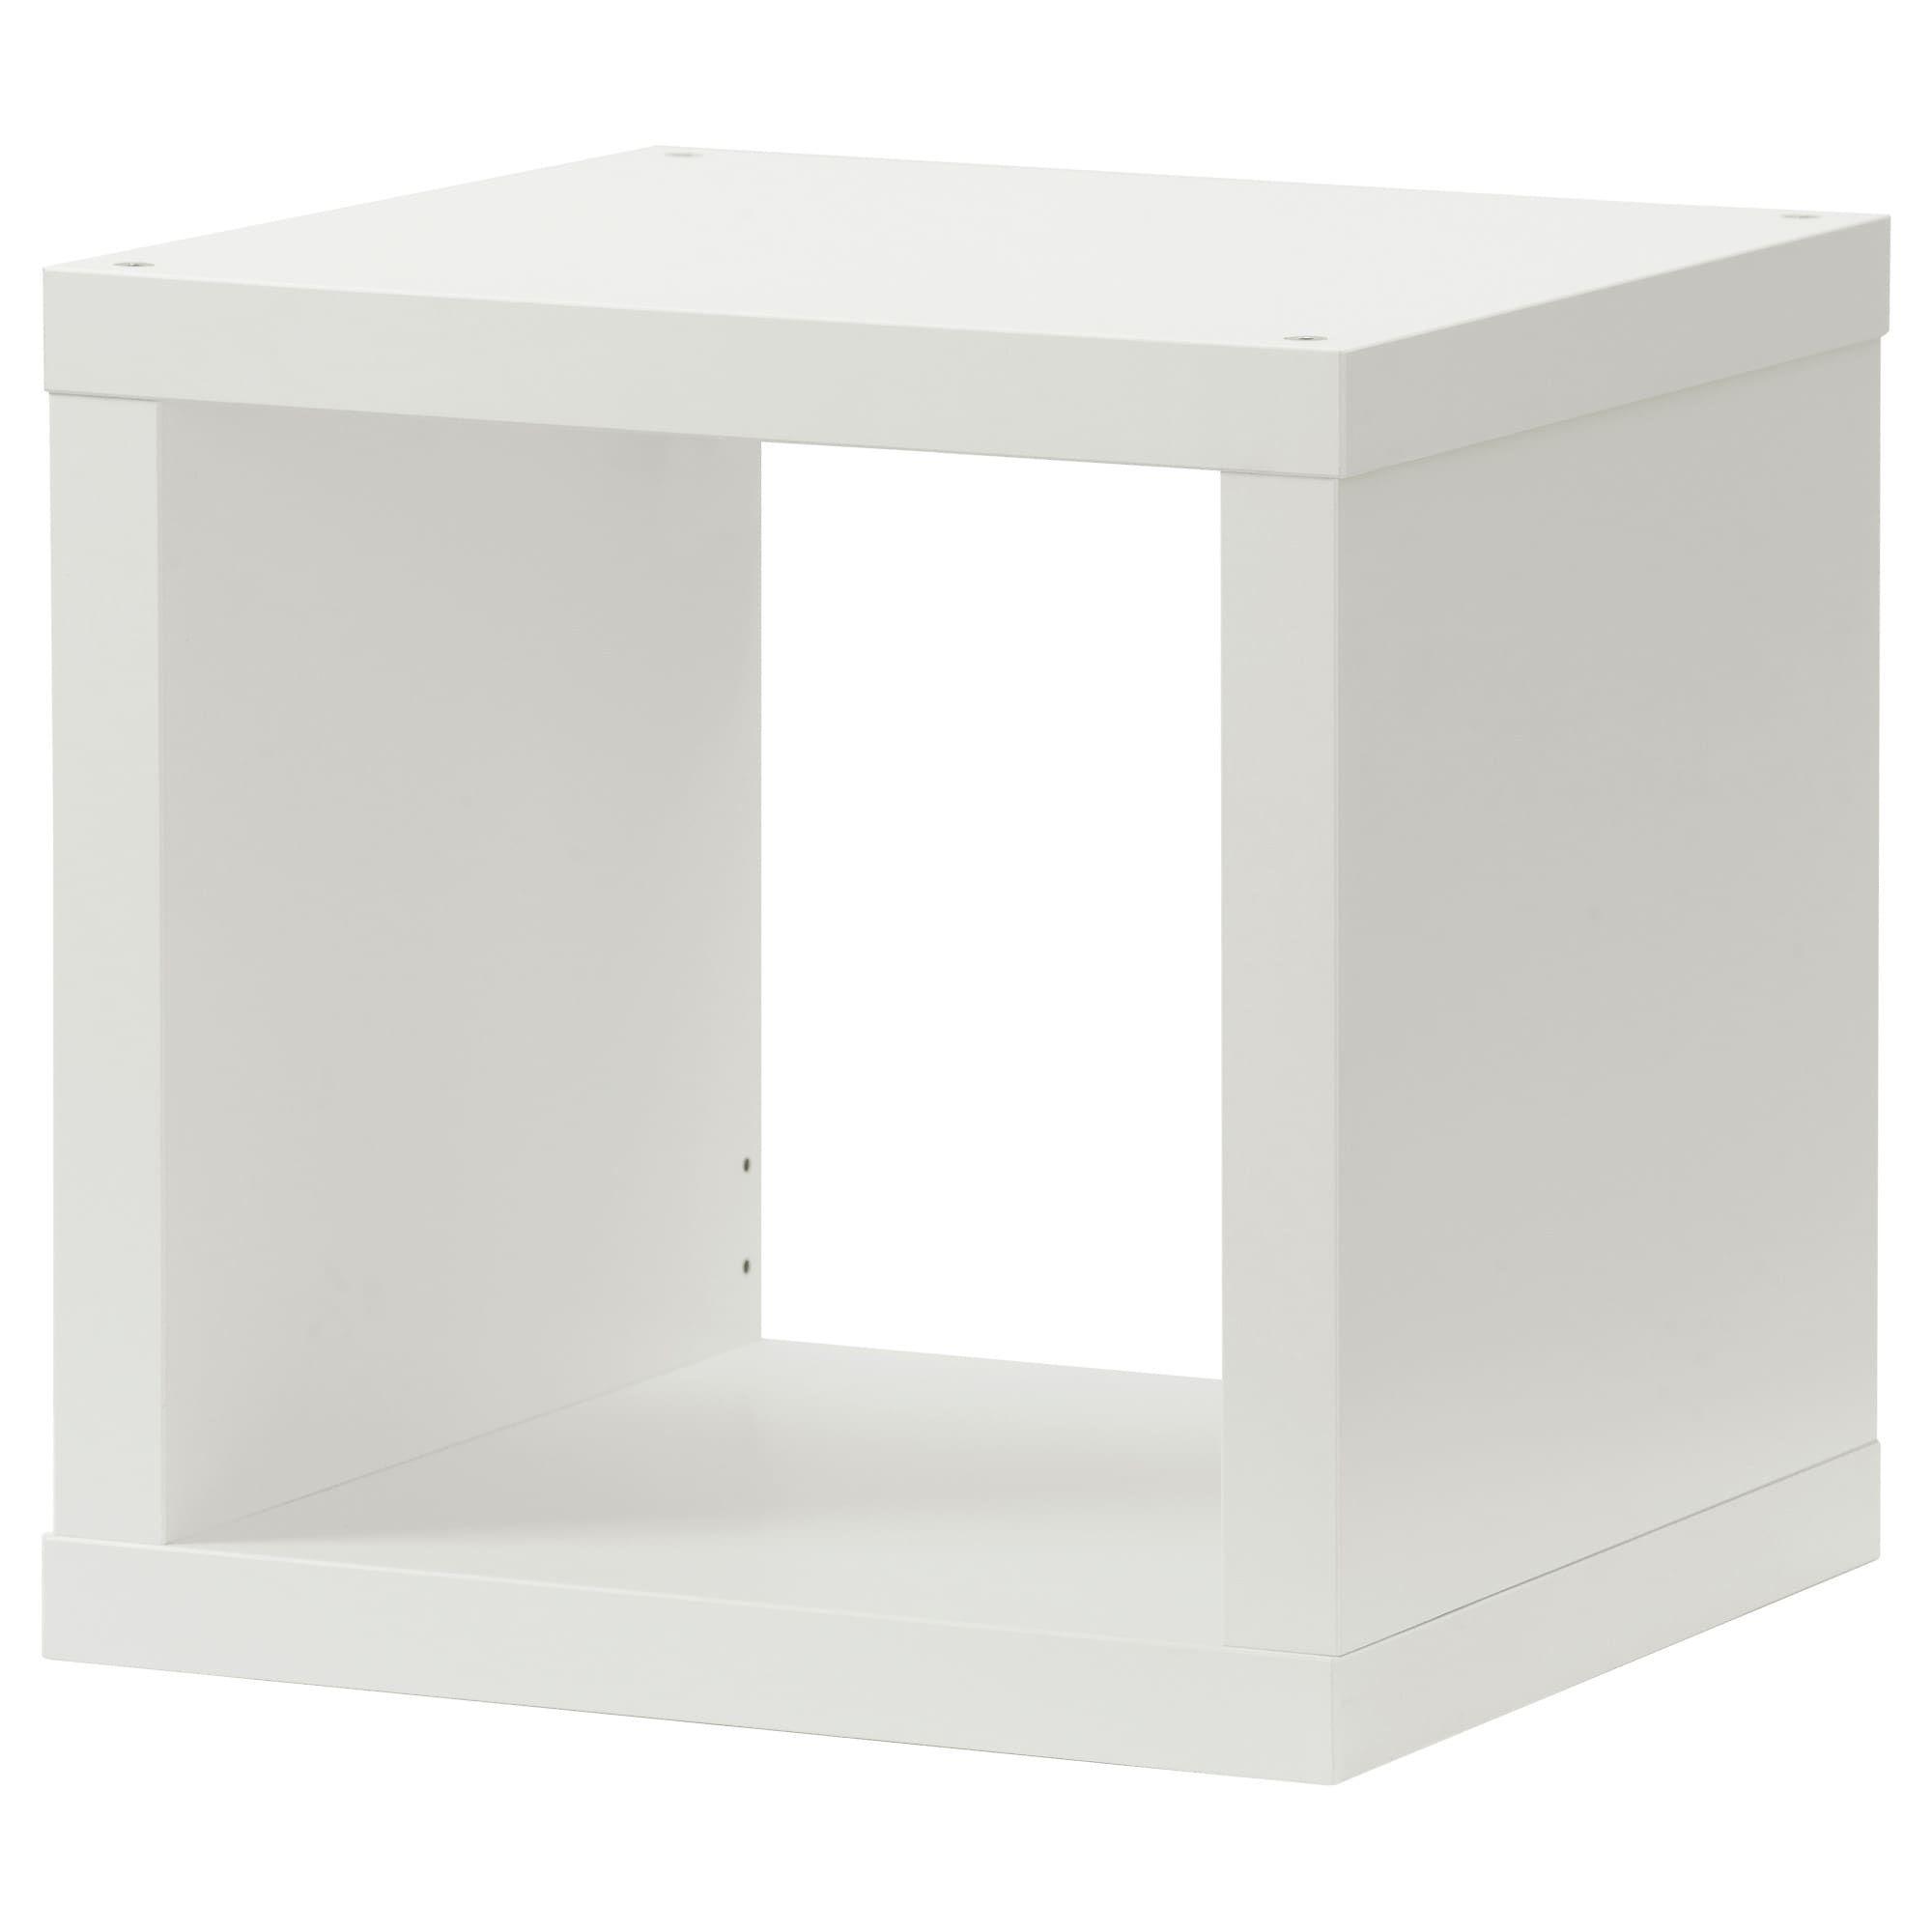 Garderobekast Wit Ikea.Kallax Open Kast Wit Wonen Woonkamer Ikea Shelving Unit Ikea